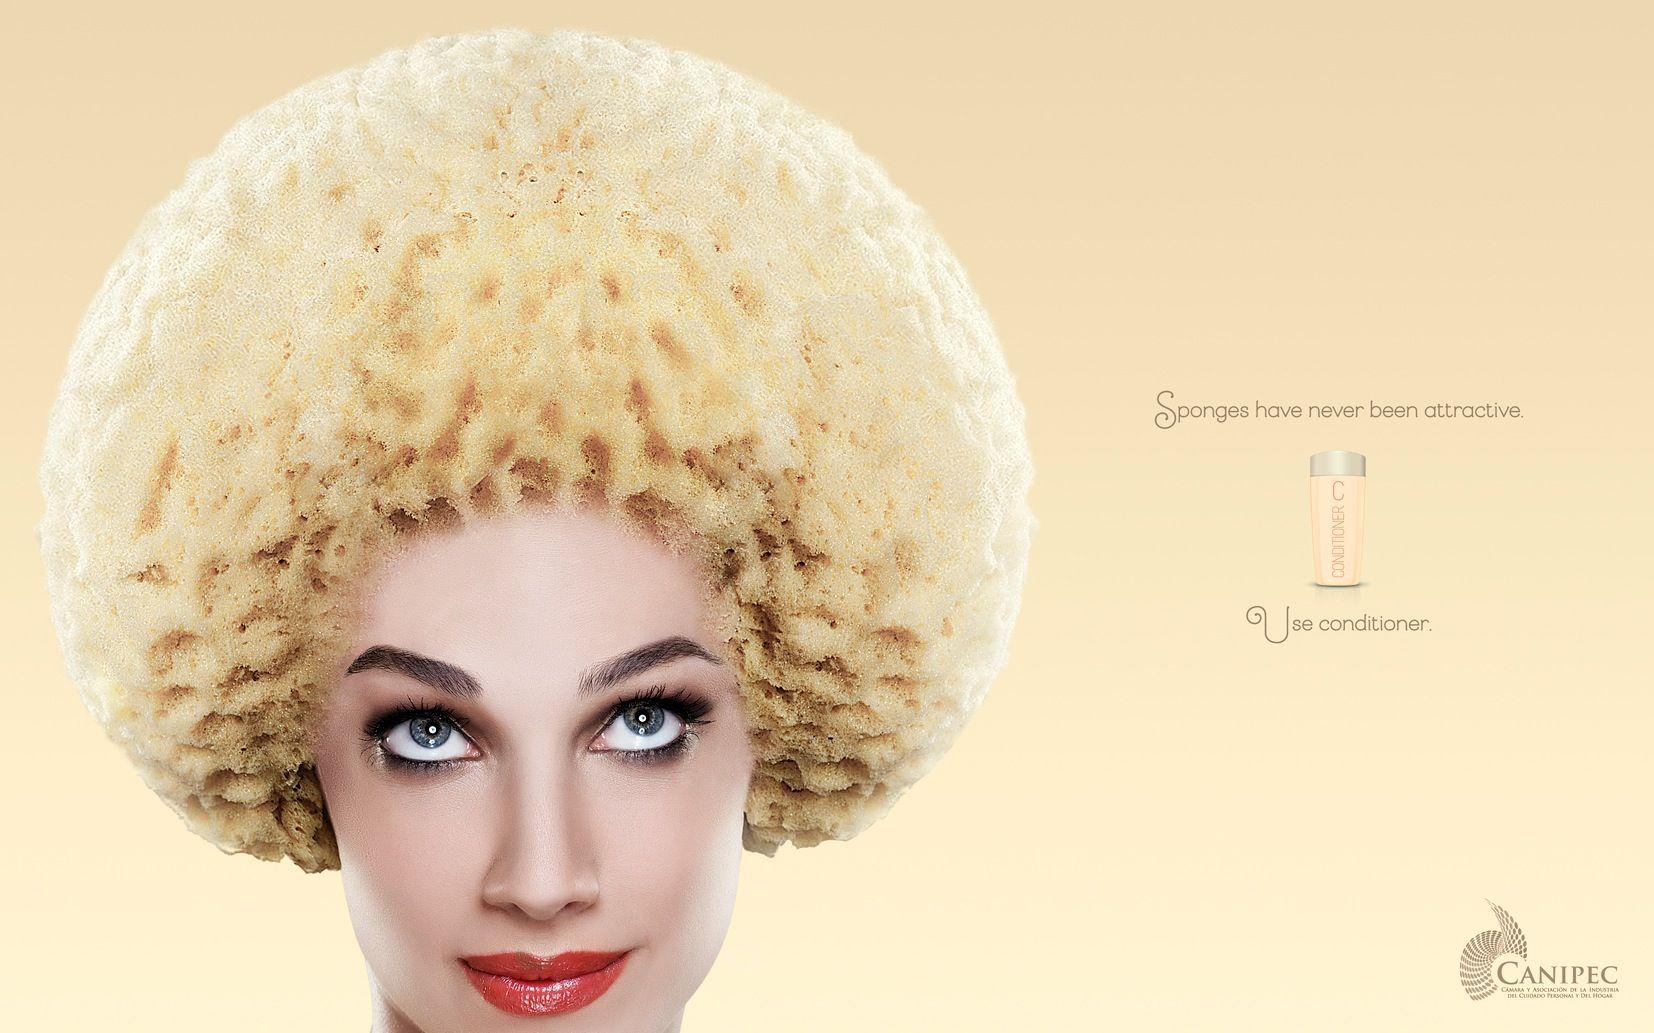 Anúncios de condicionador comparam cabelo a vassouras e esponjas - Adnews - Movido pela Notícia